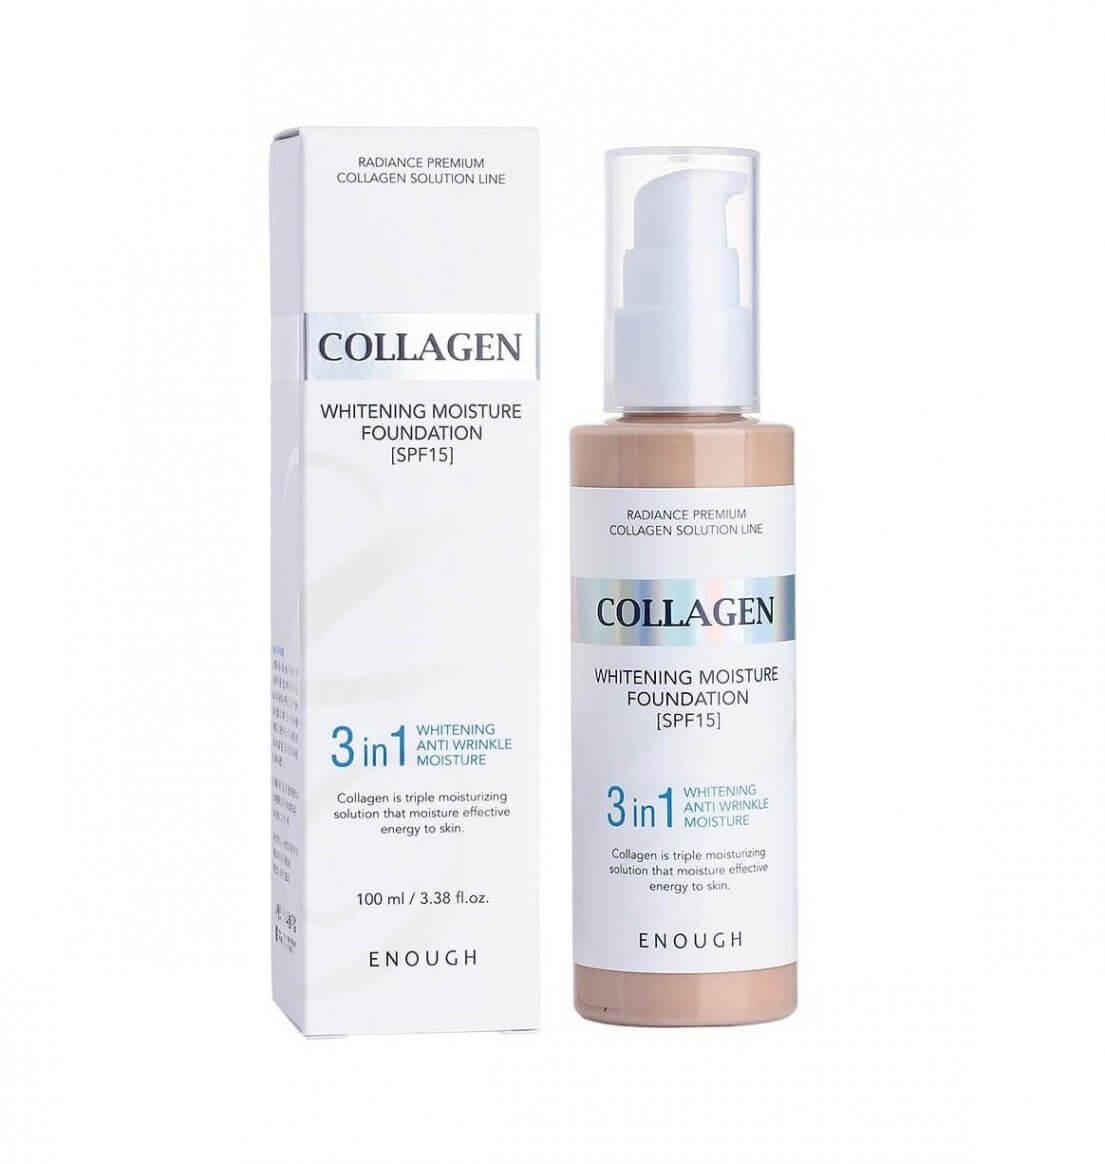 Тональный крем Enough Collagen Whitening Moisture Foundation